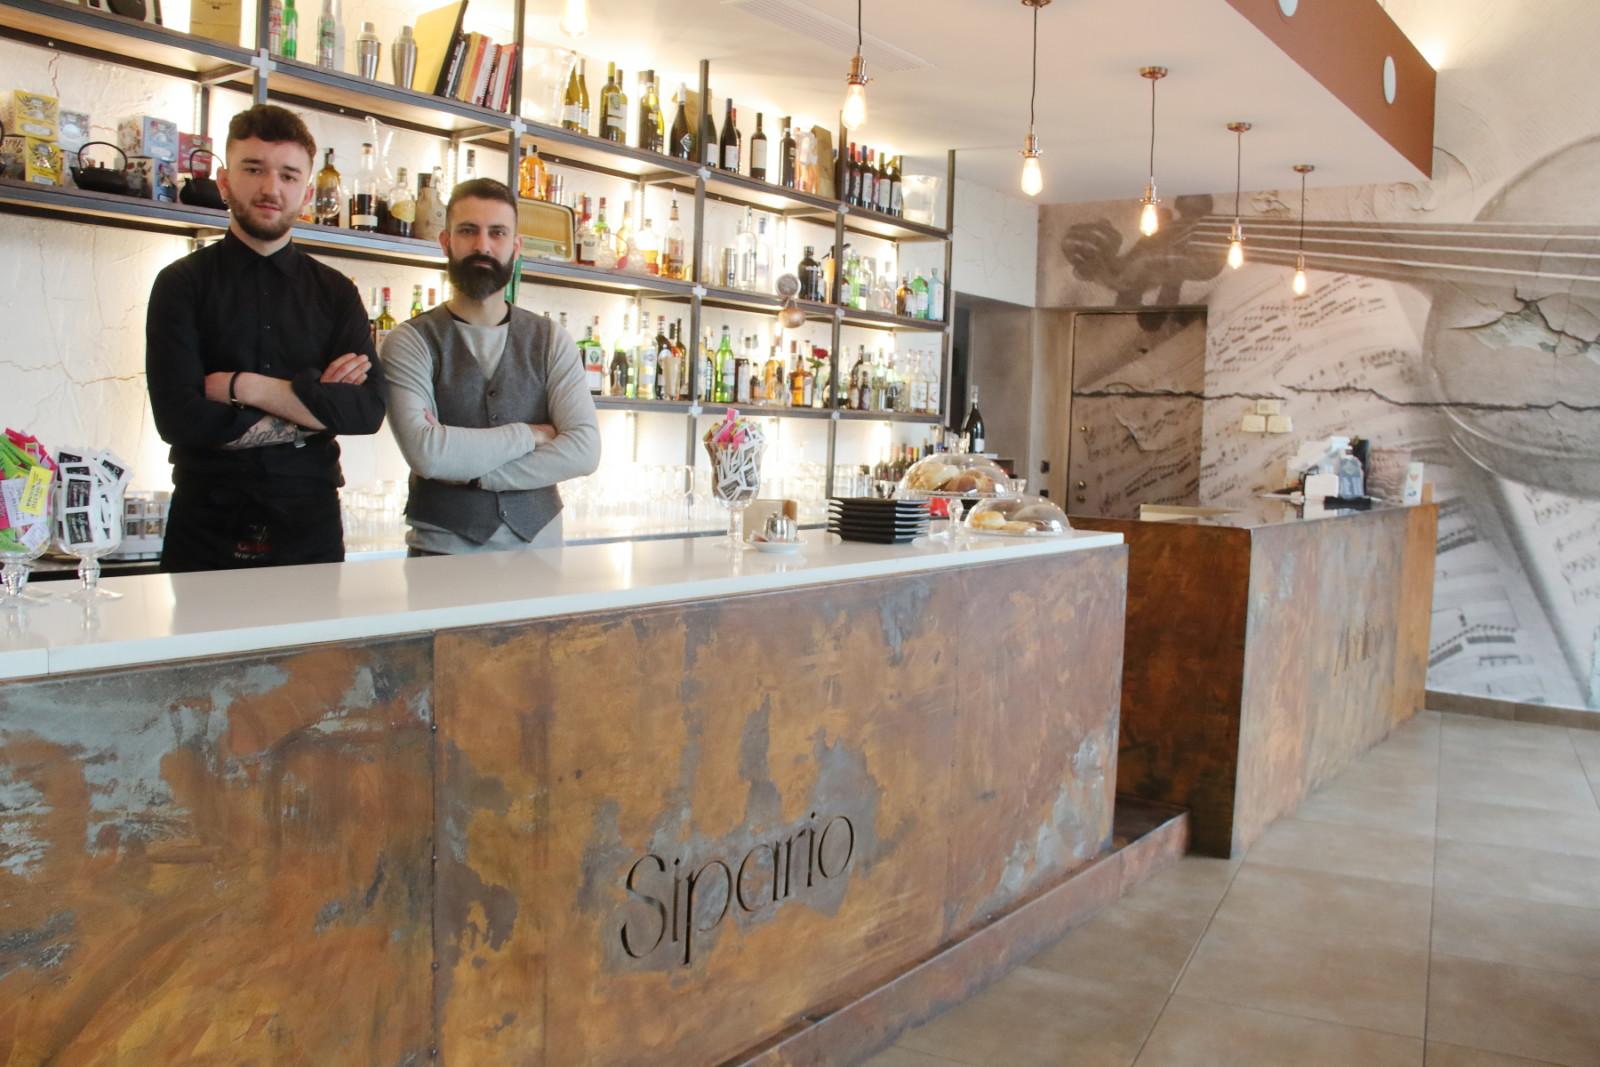 Sipario alcolico un p di napoli in citt sempione news for Caratteristiche dell architettura in stile mediterraneo